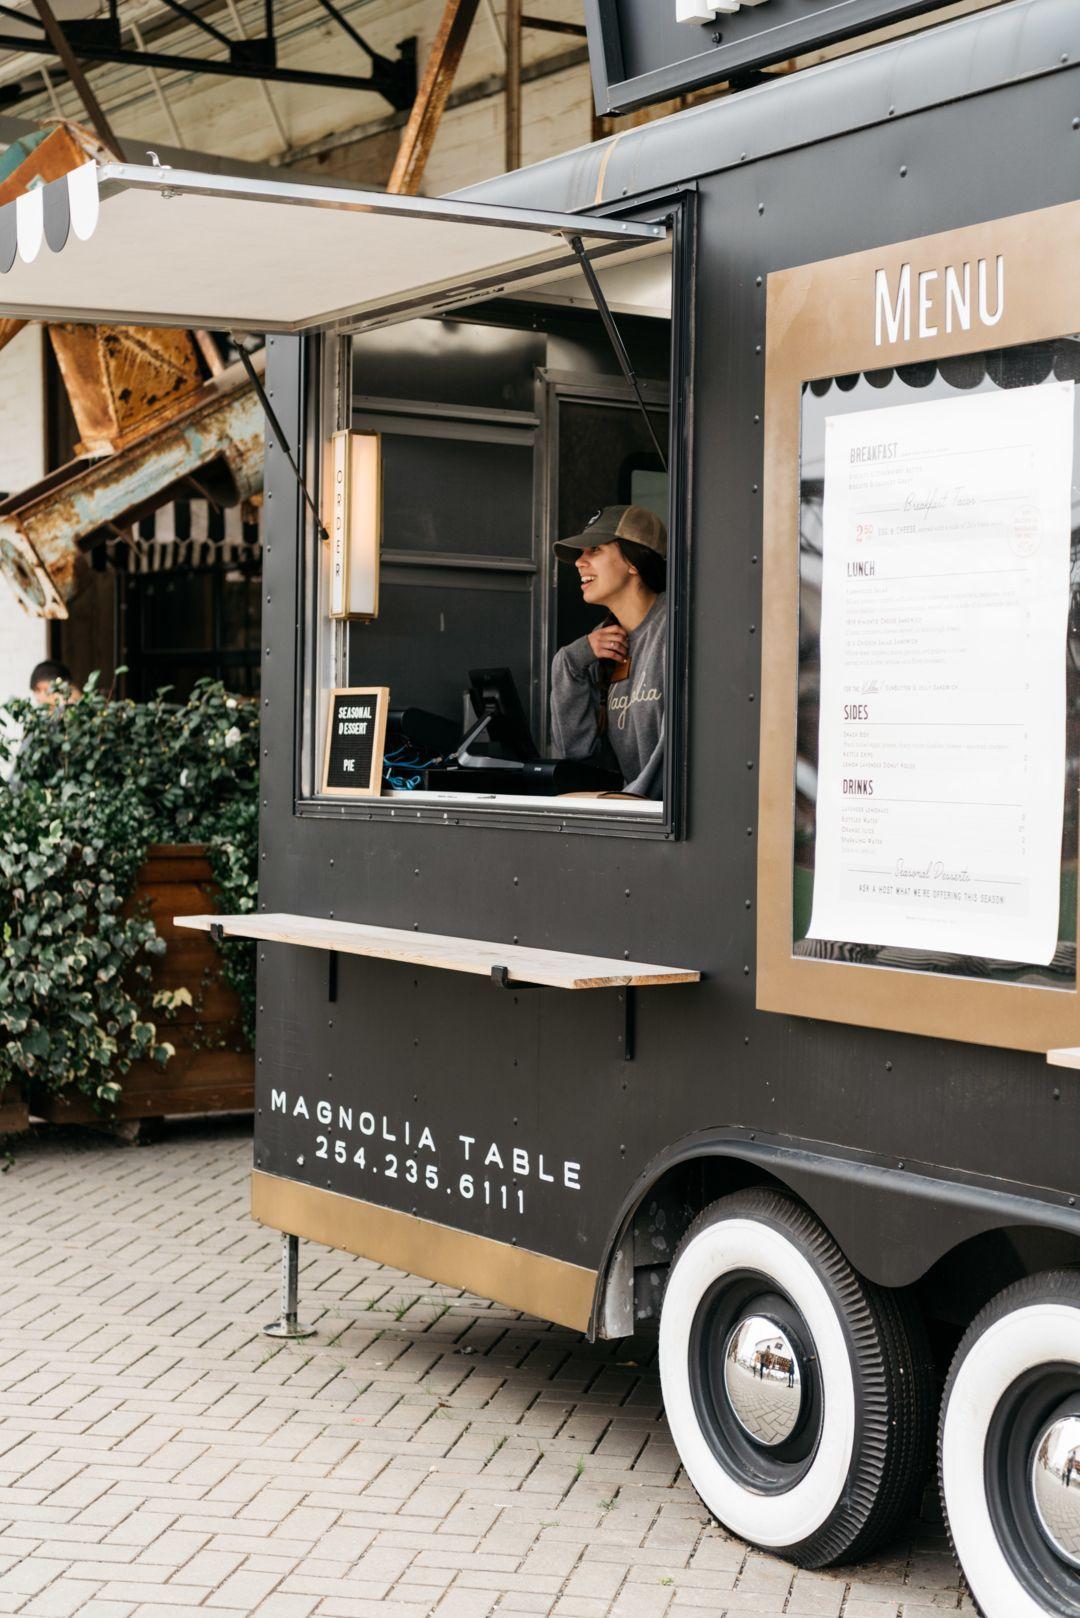 Magnolia table food truck food magnolia table truck